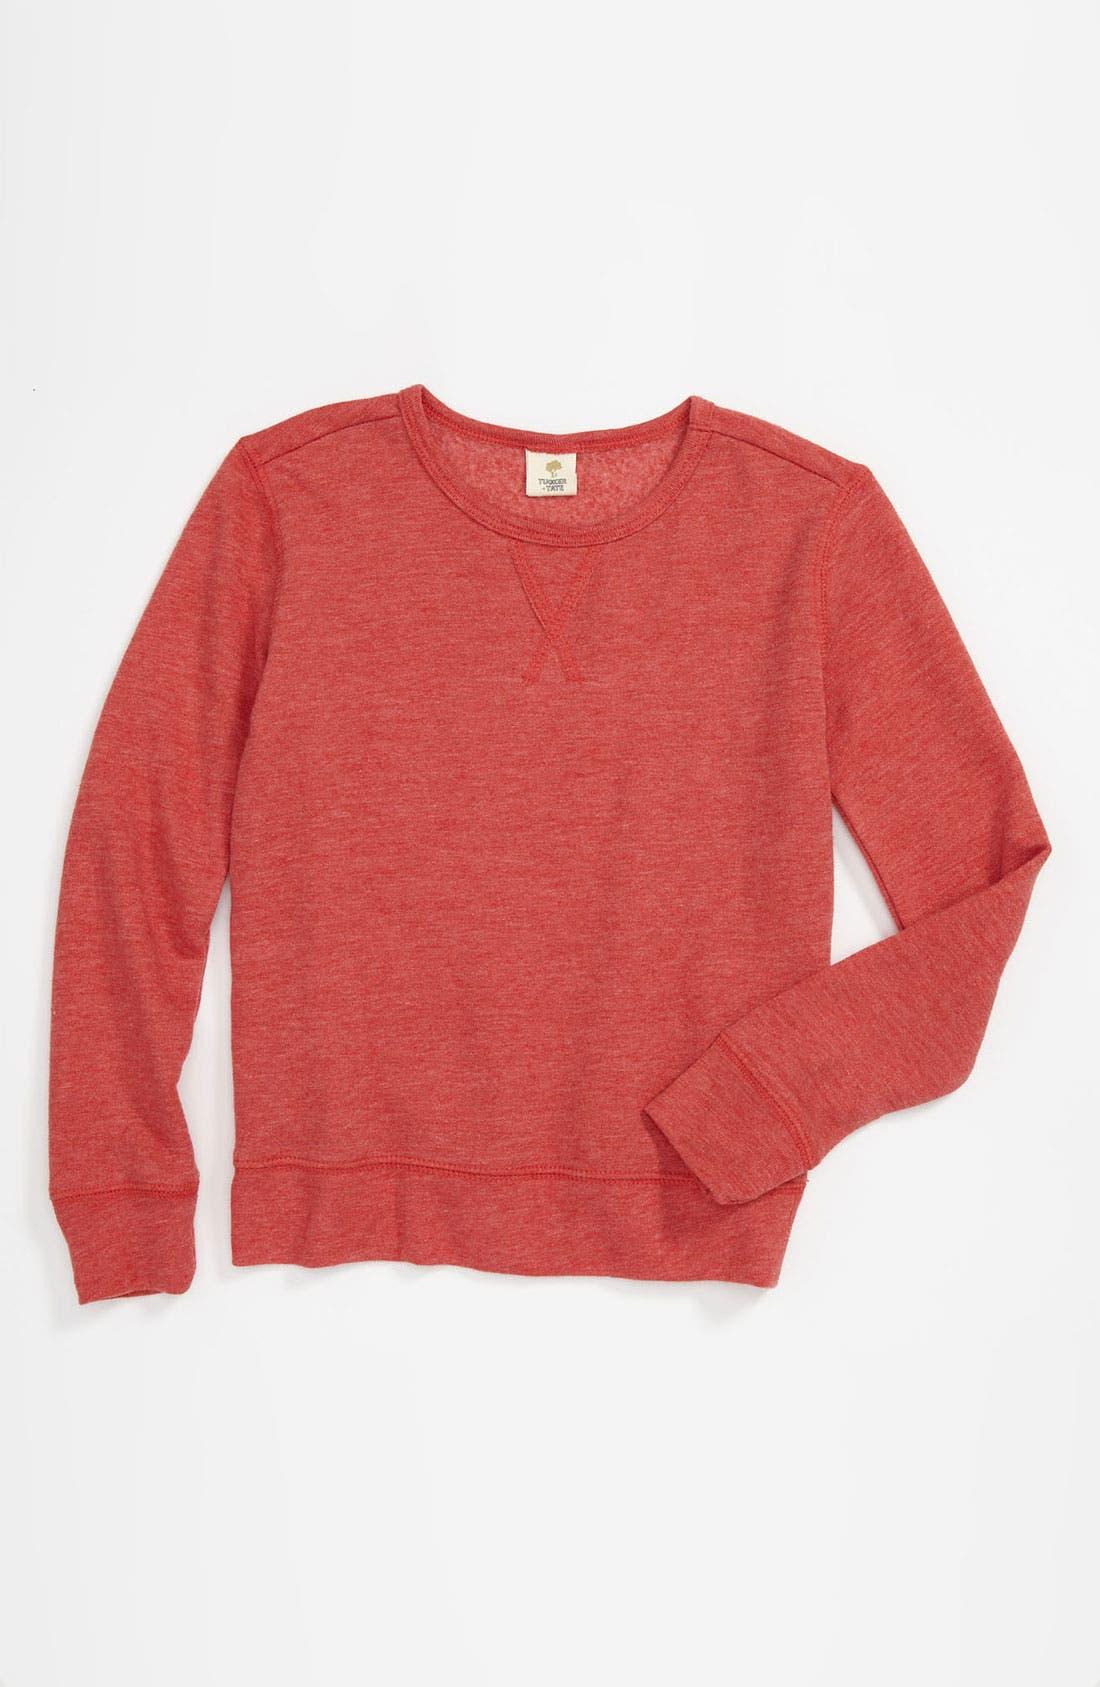 Main Image - Tucker + Tate Crewneck Sweatshirt (Toddler)